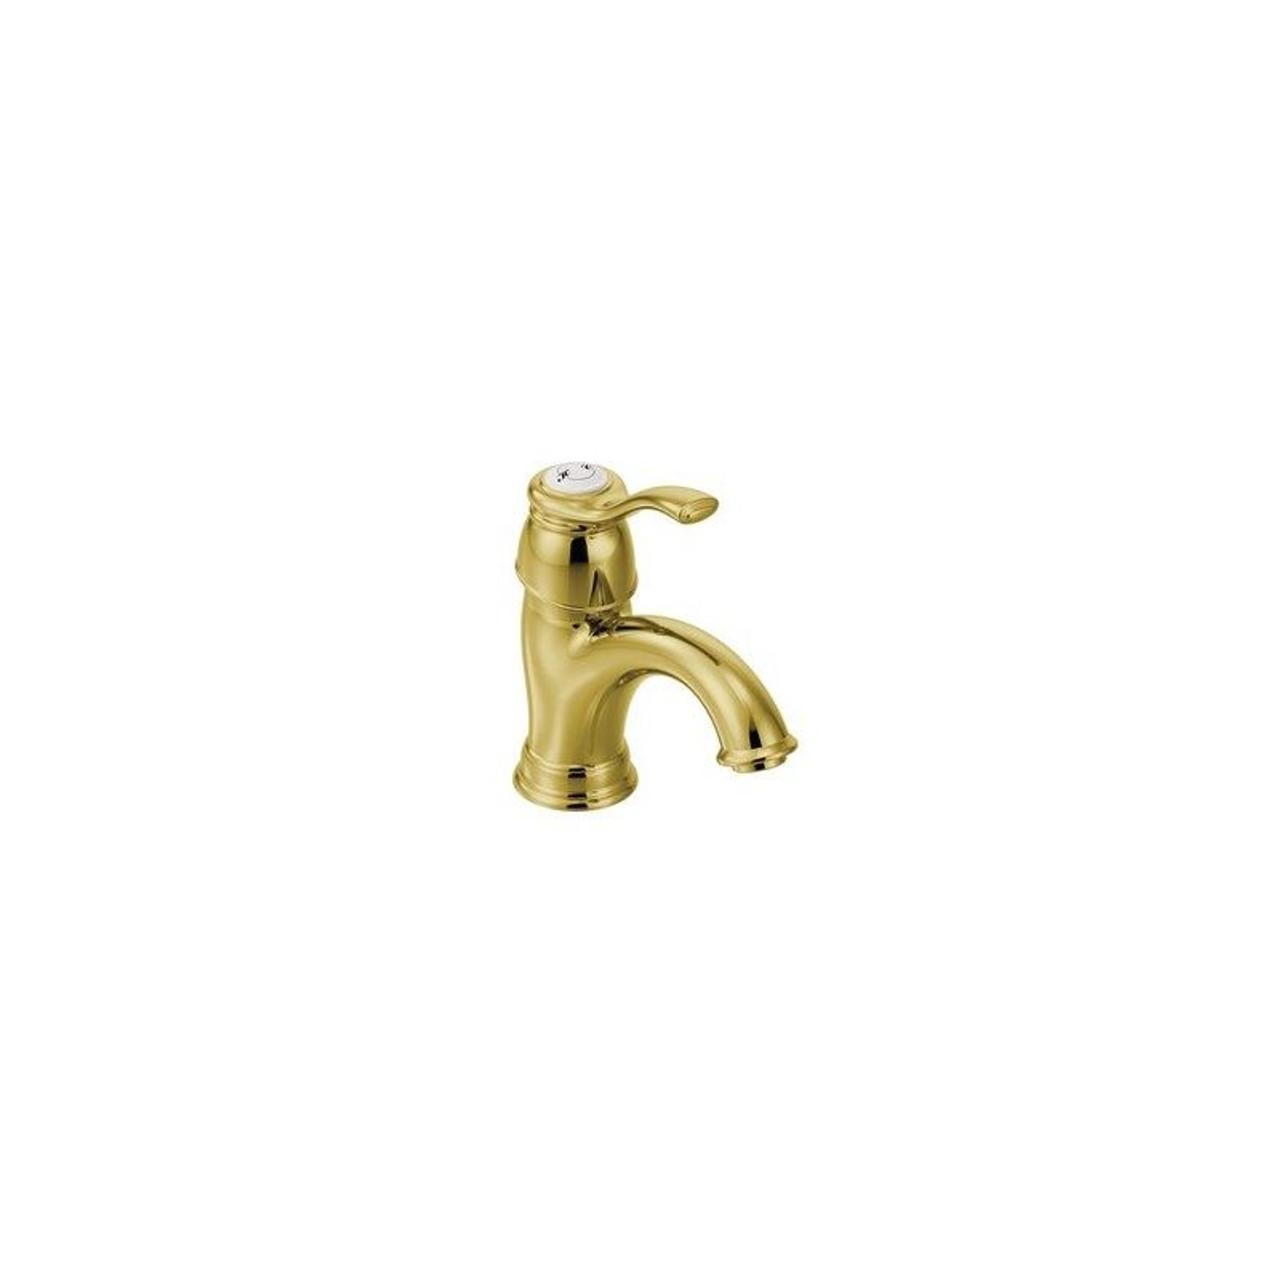 Moen 6102p Kingsley 1 Handle Single Hole Bathroom Faucet